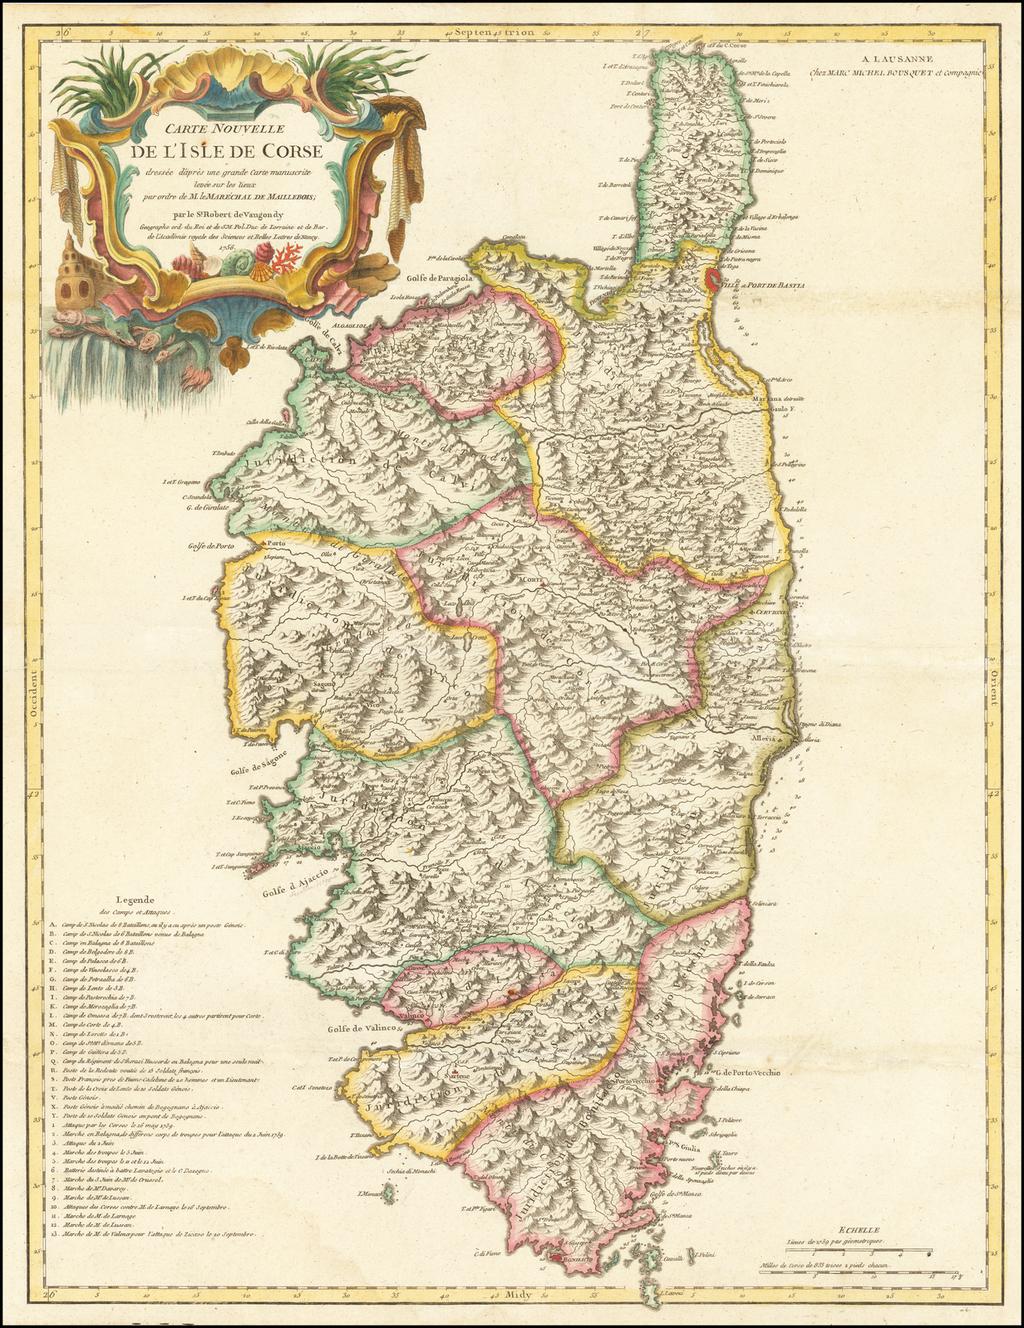 Carte Nouvelle de L'Isle De Corse . . . 1756 By Didier Robert de Vaugondy